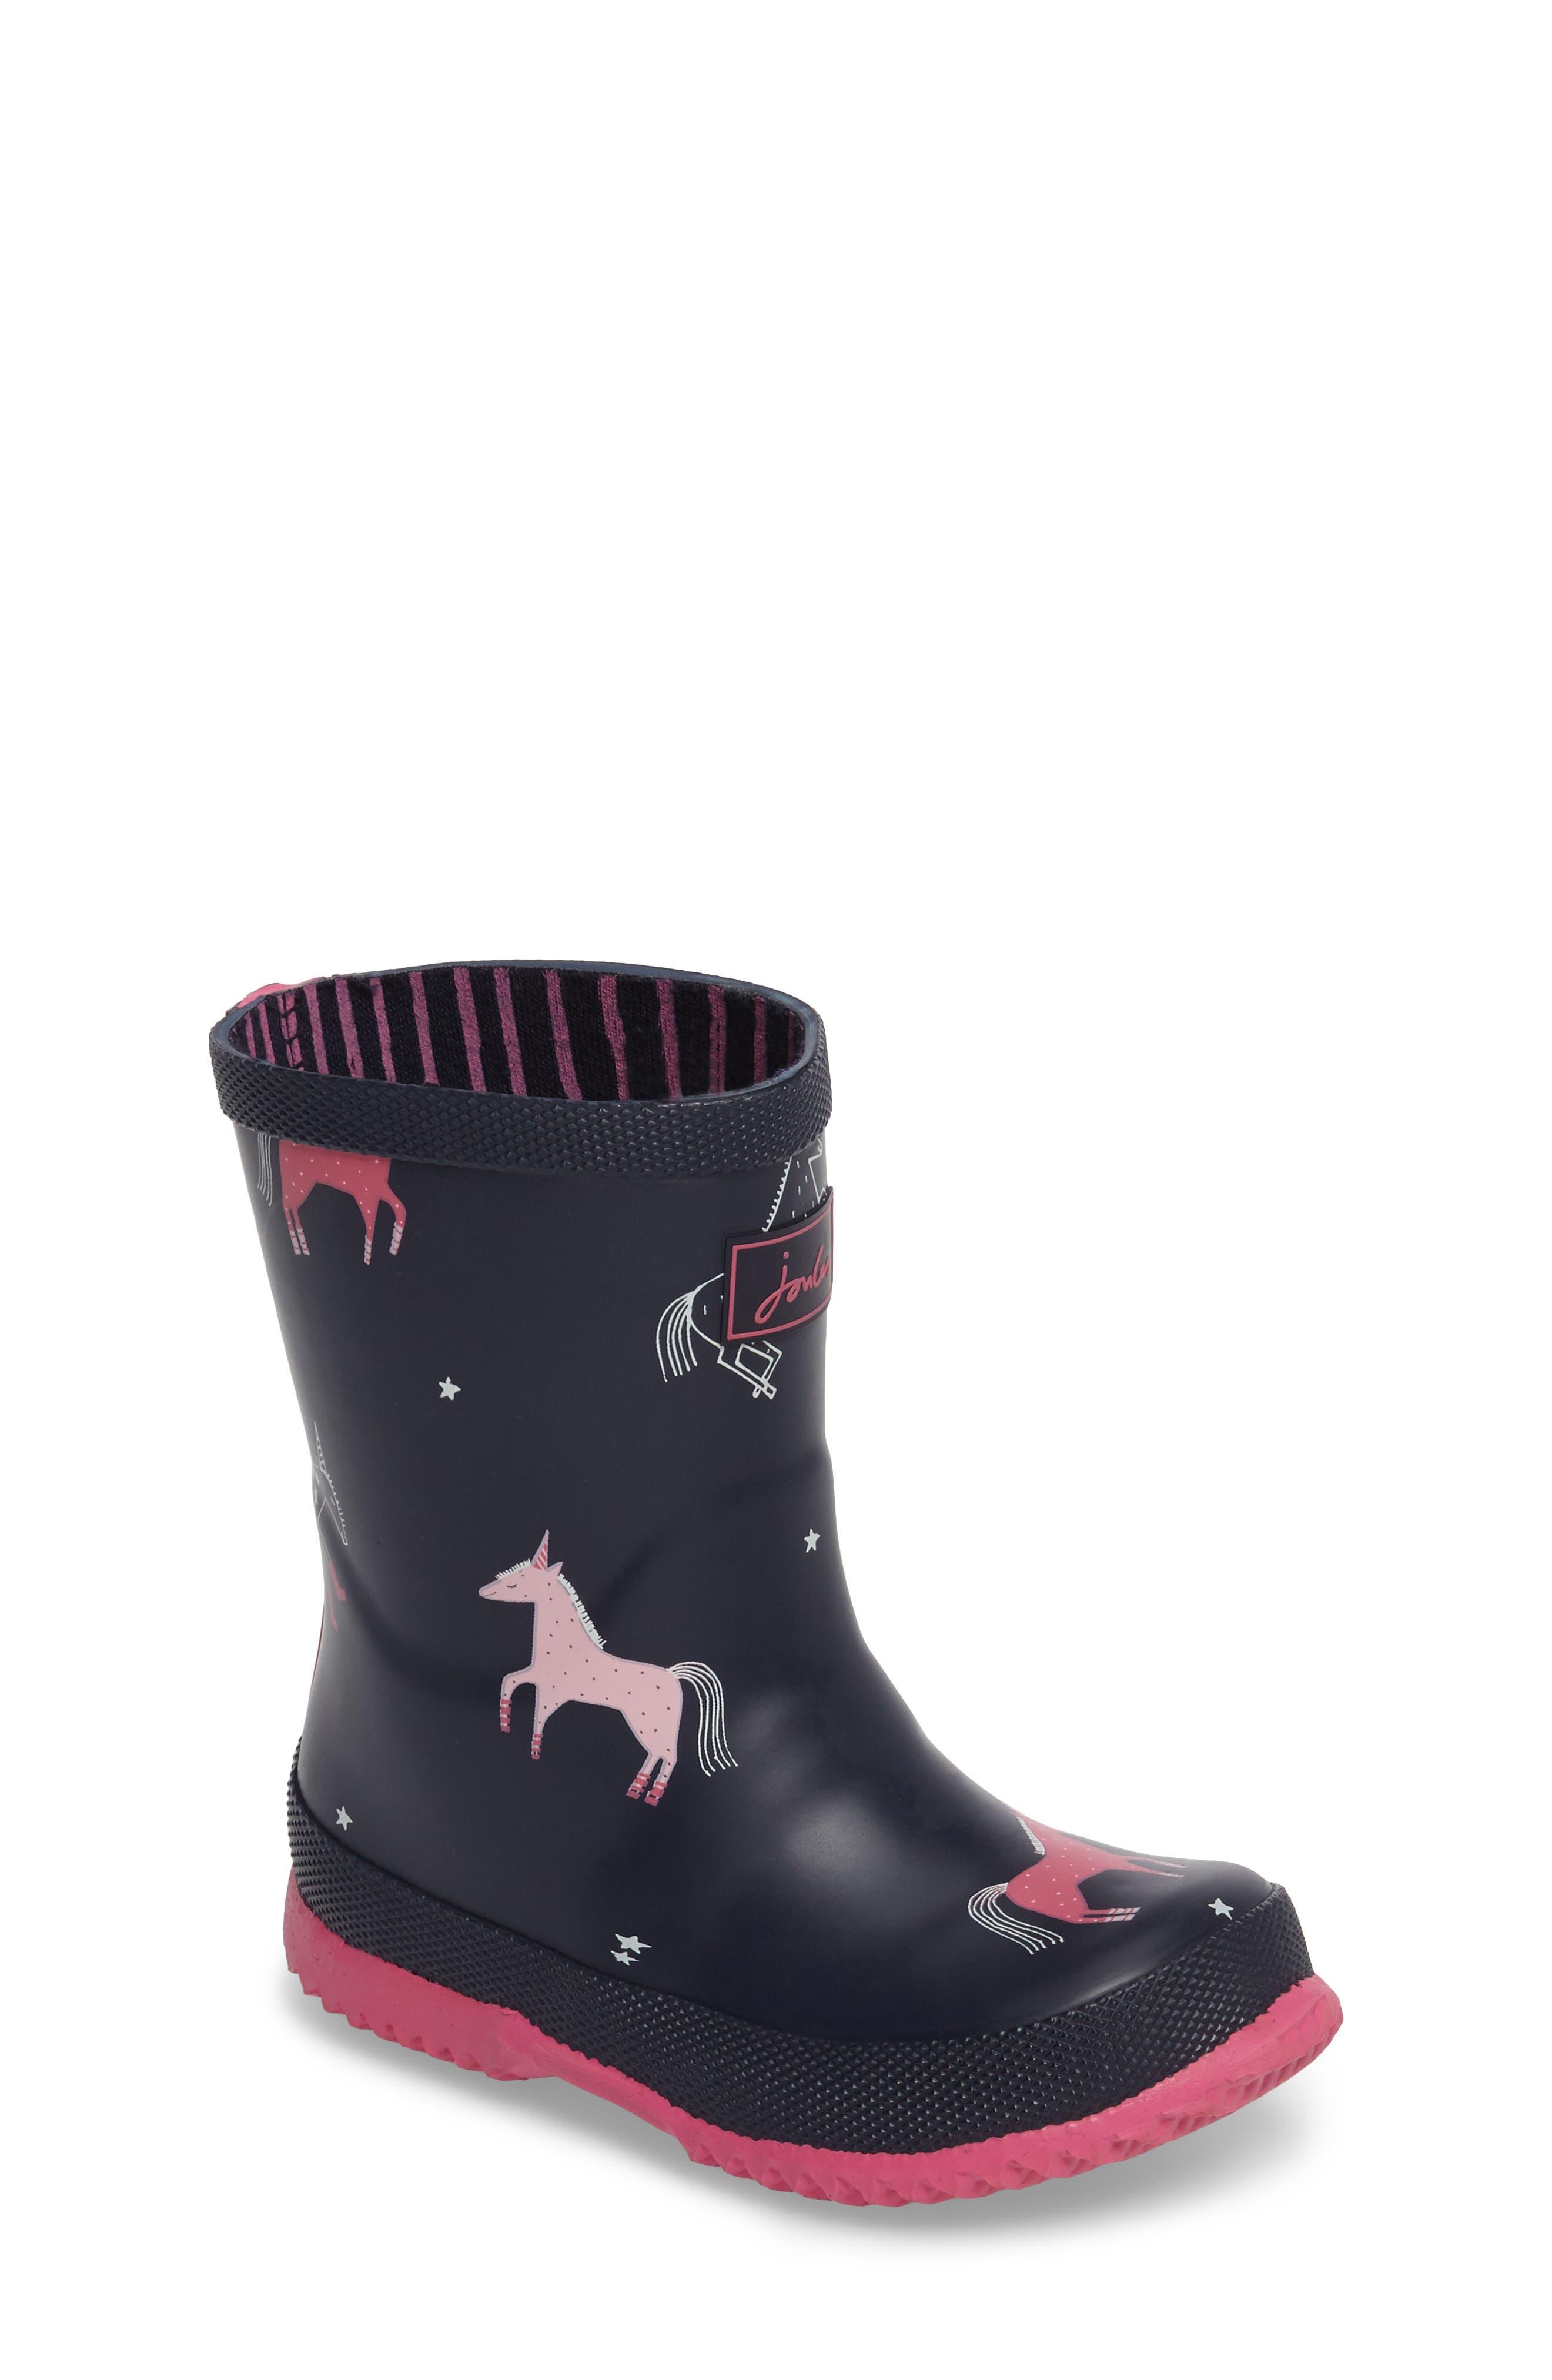 Alternate Image 1 Selected - Joules Printed Waterproof Rain Boot (Walker, Toddler & Little Kid)